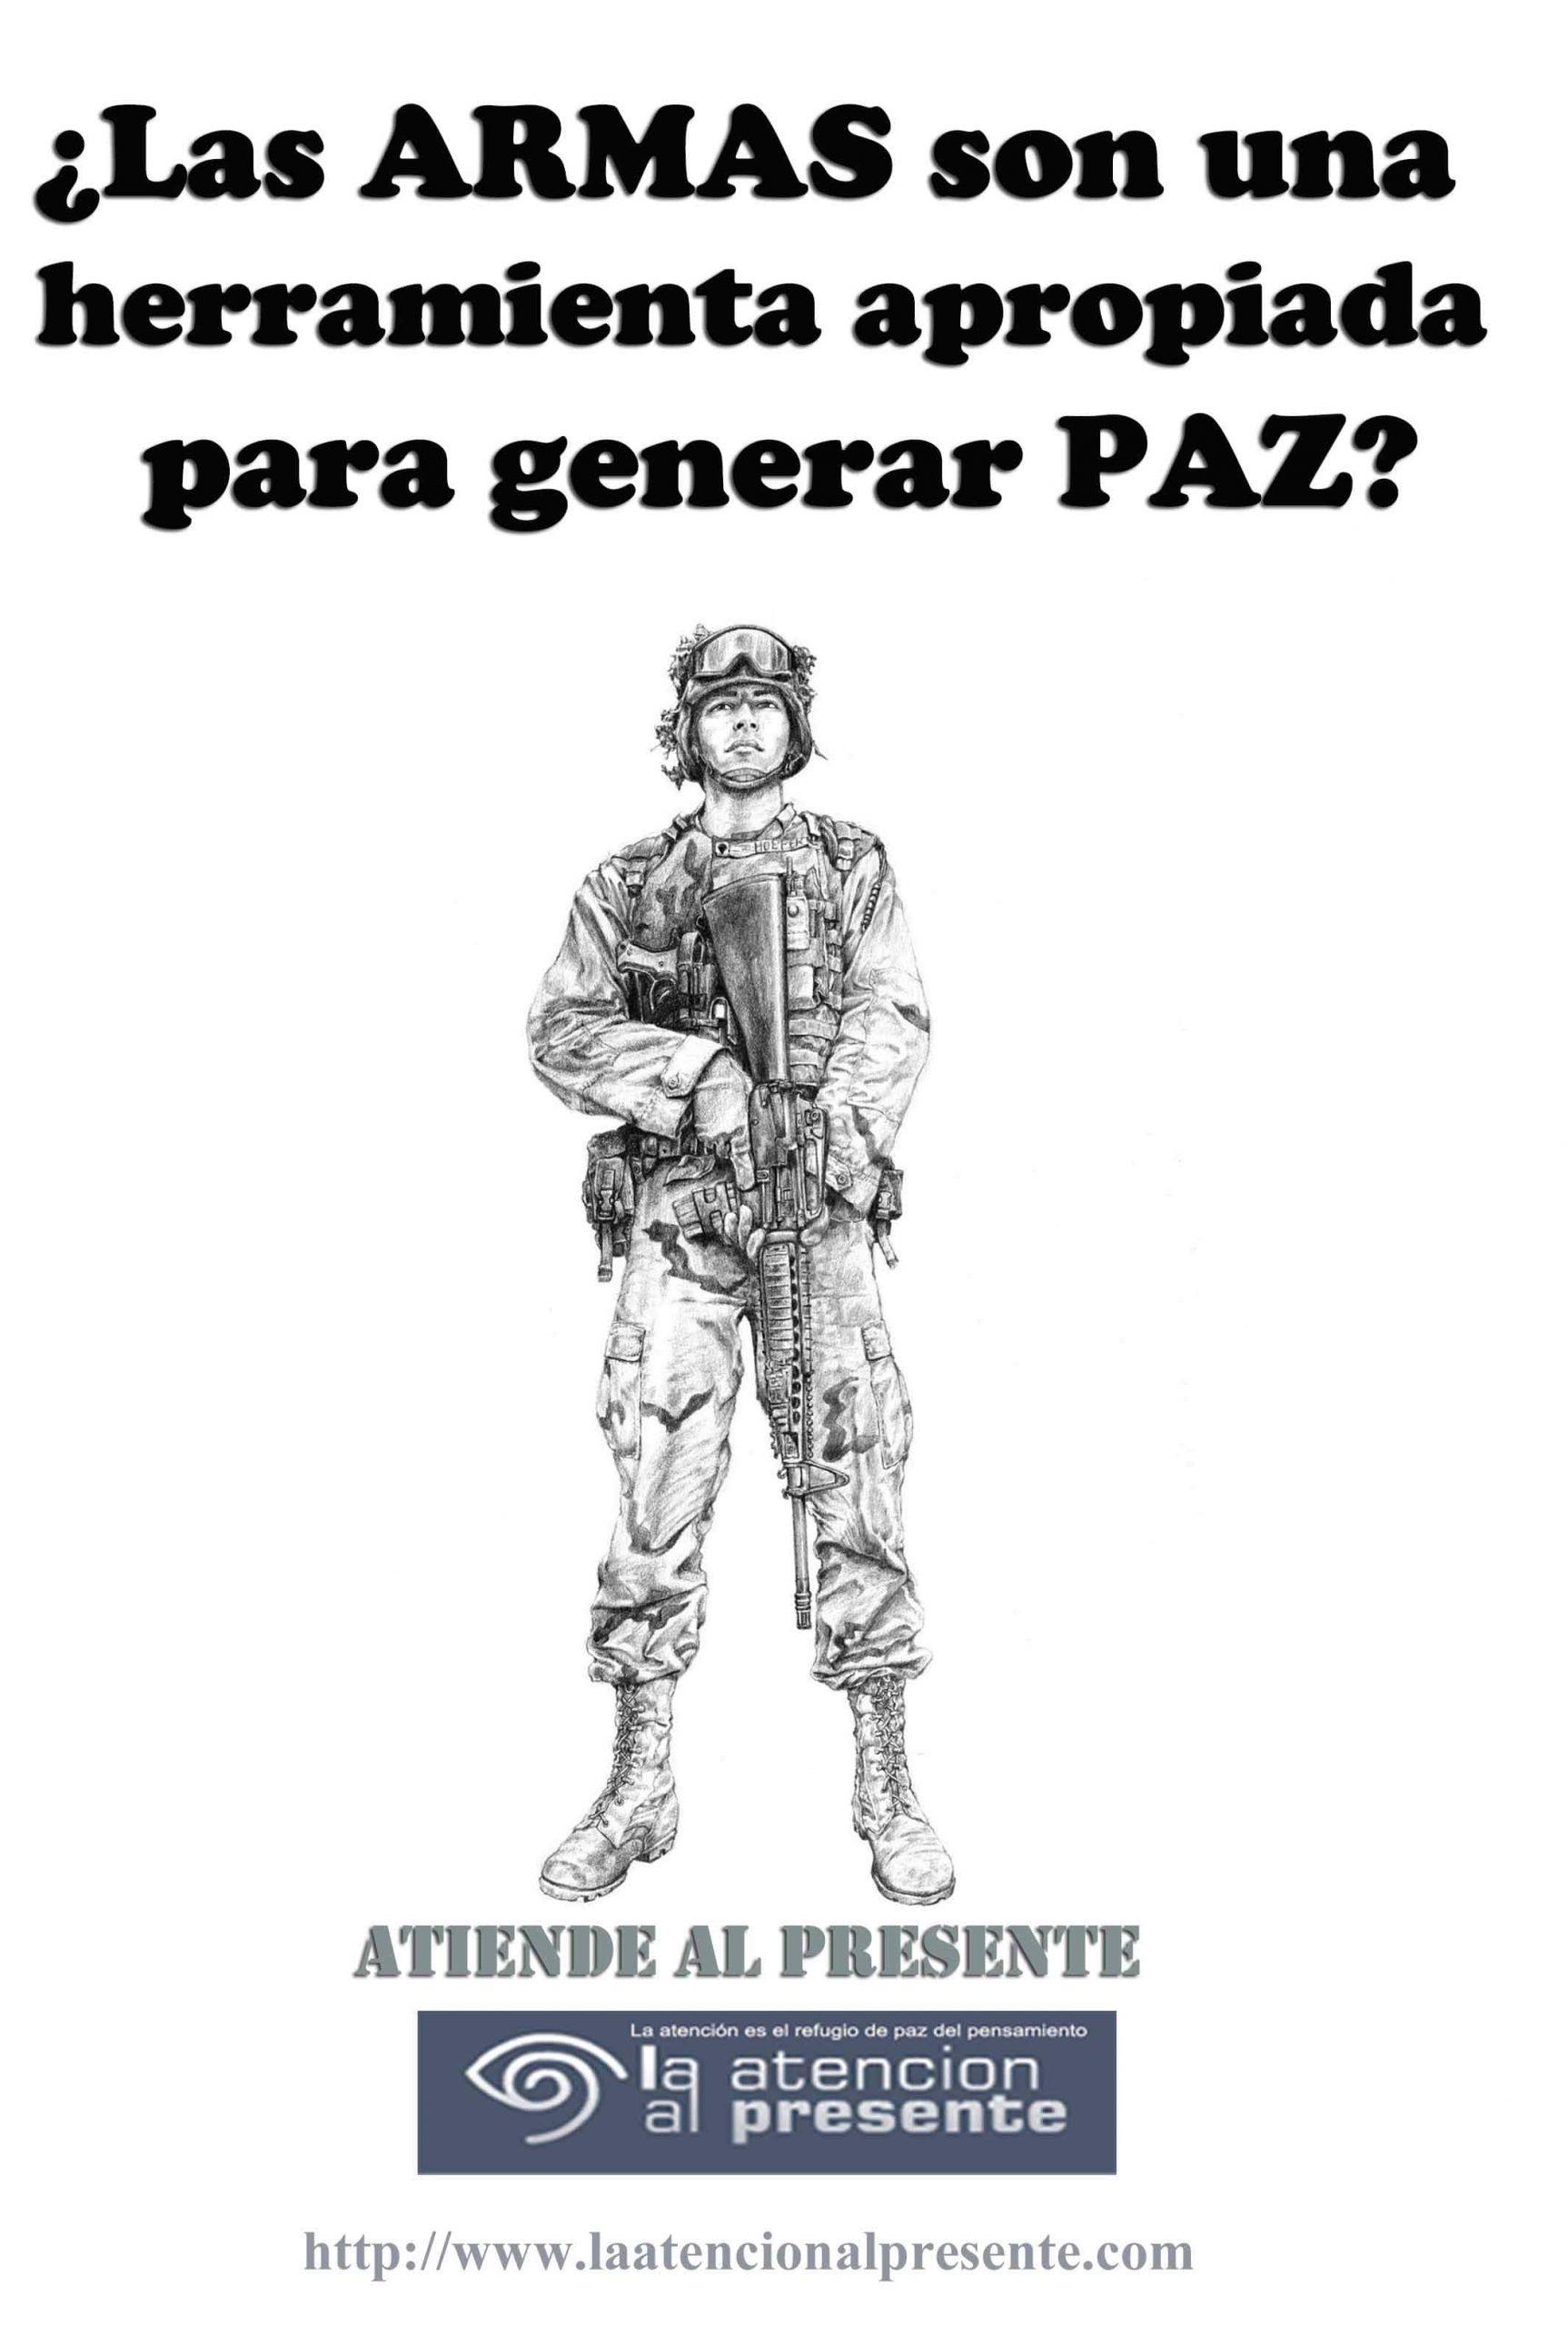 24 de Marzo Isa Las ARMAS son una hrramienta apropiada para generar PAZ min scaled